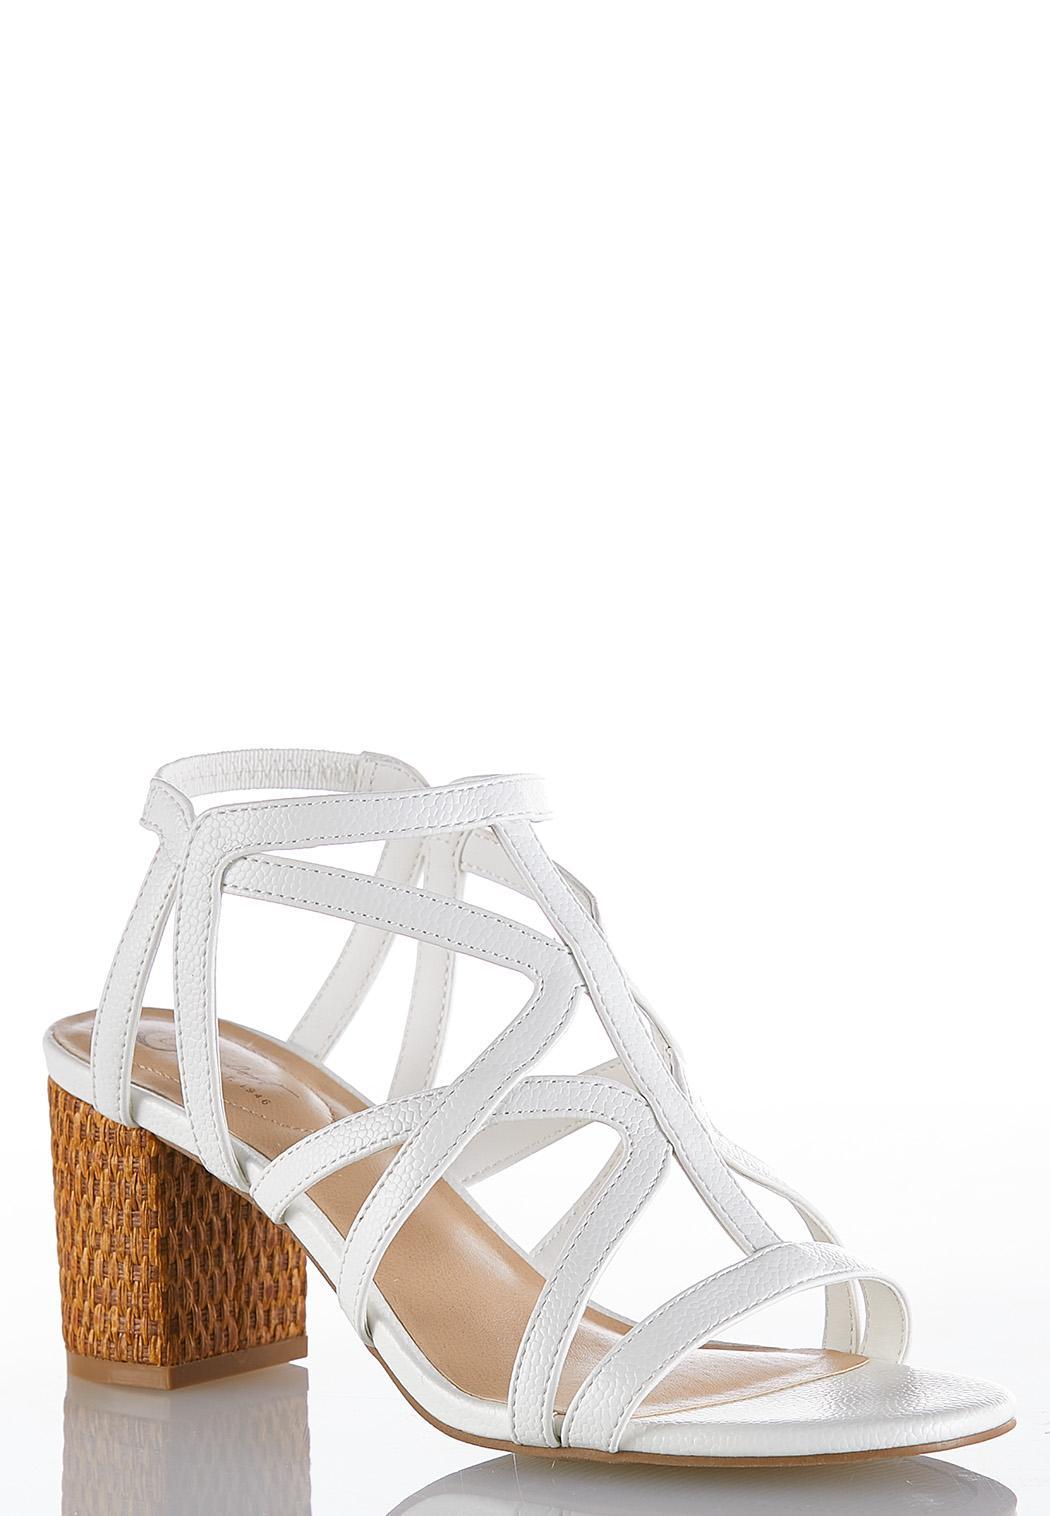 9f6d07b34 Women s Sandals